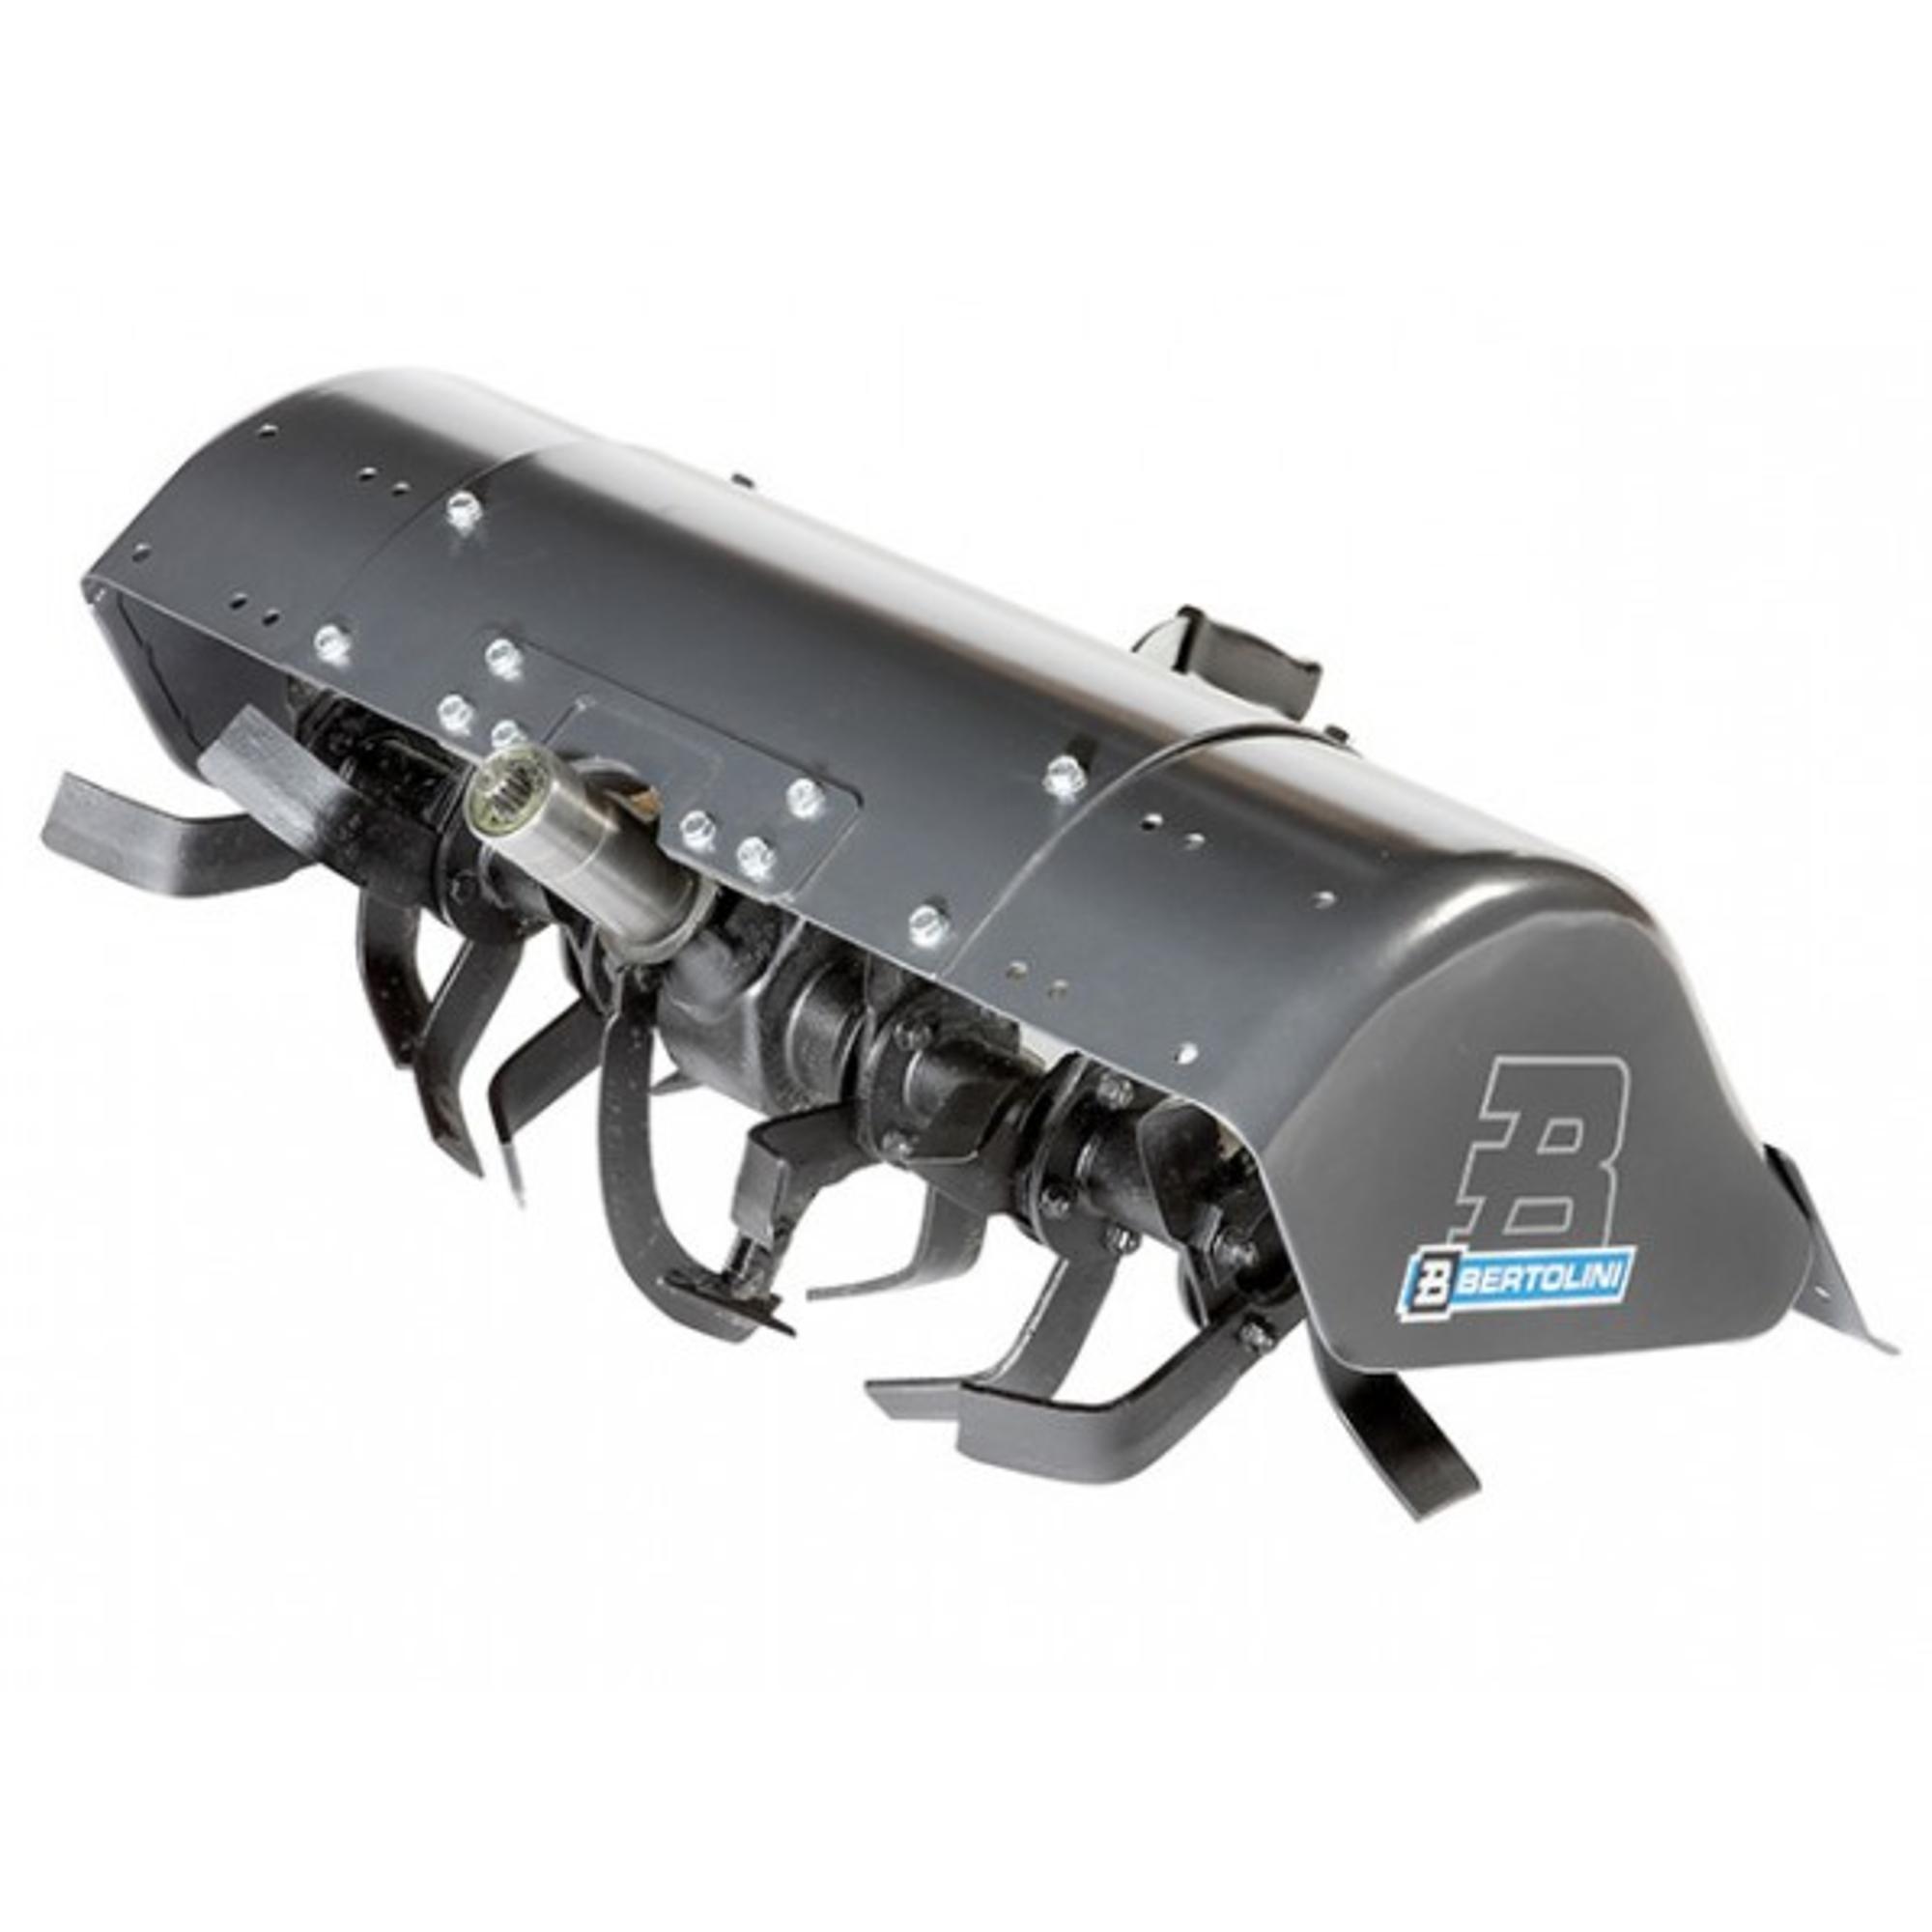 Bertolini Rotor 80 cm, 16 késes motoros kultivátorhoz 69219105